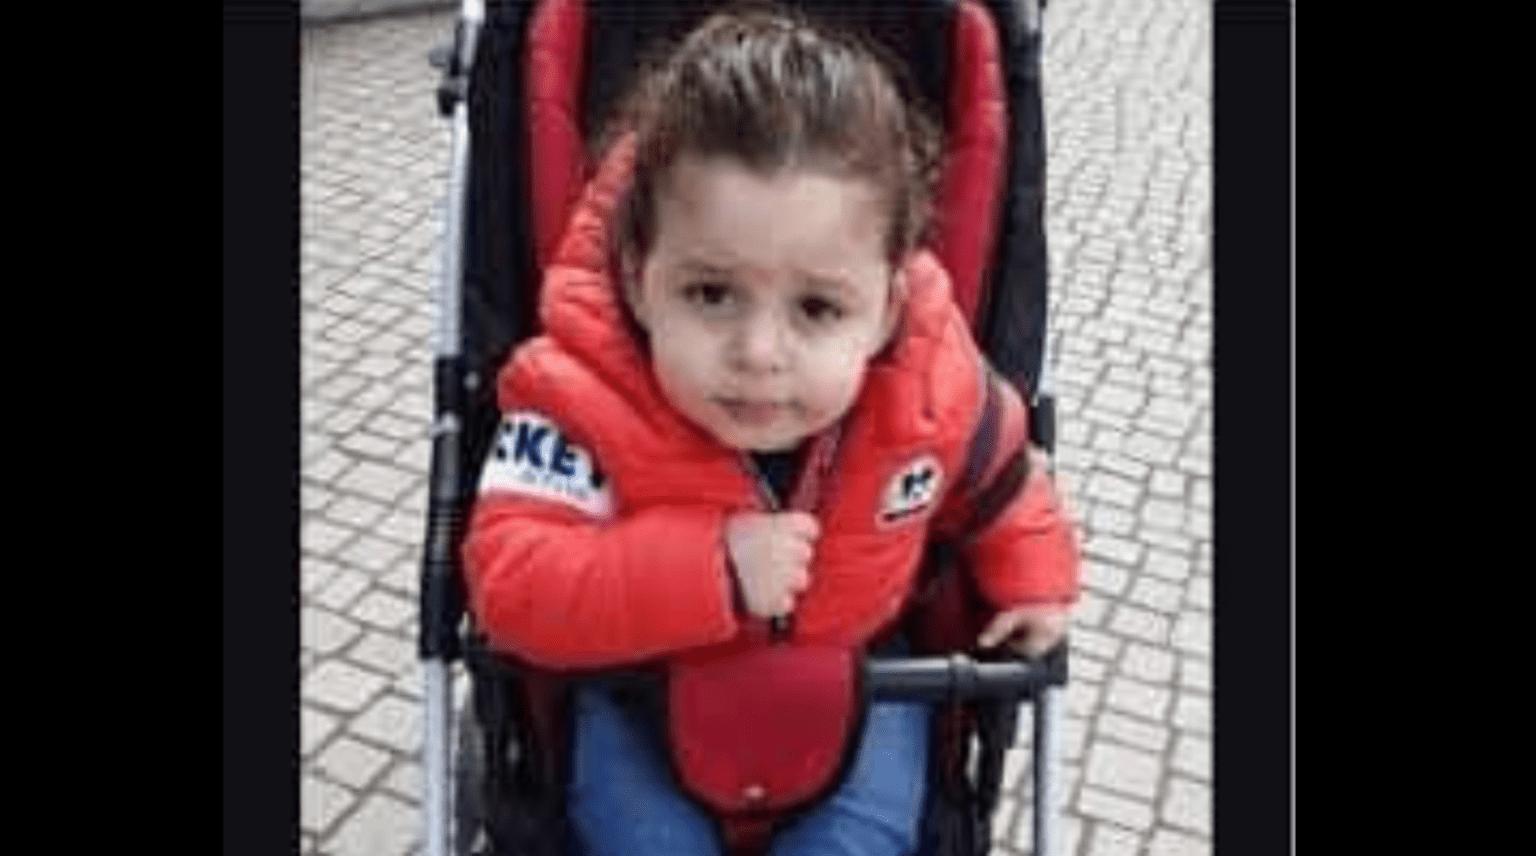 ظروف غامضة وفاة طفل بحضانة